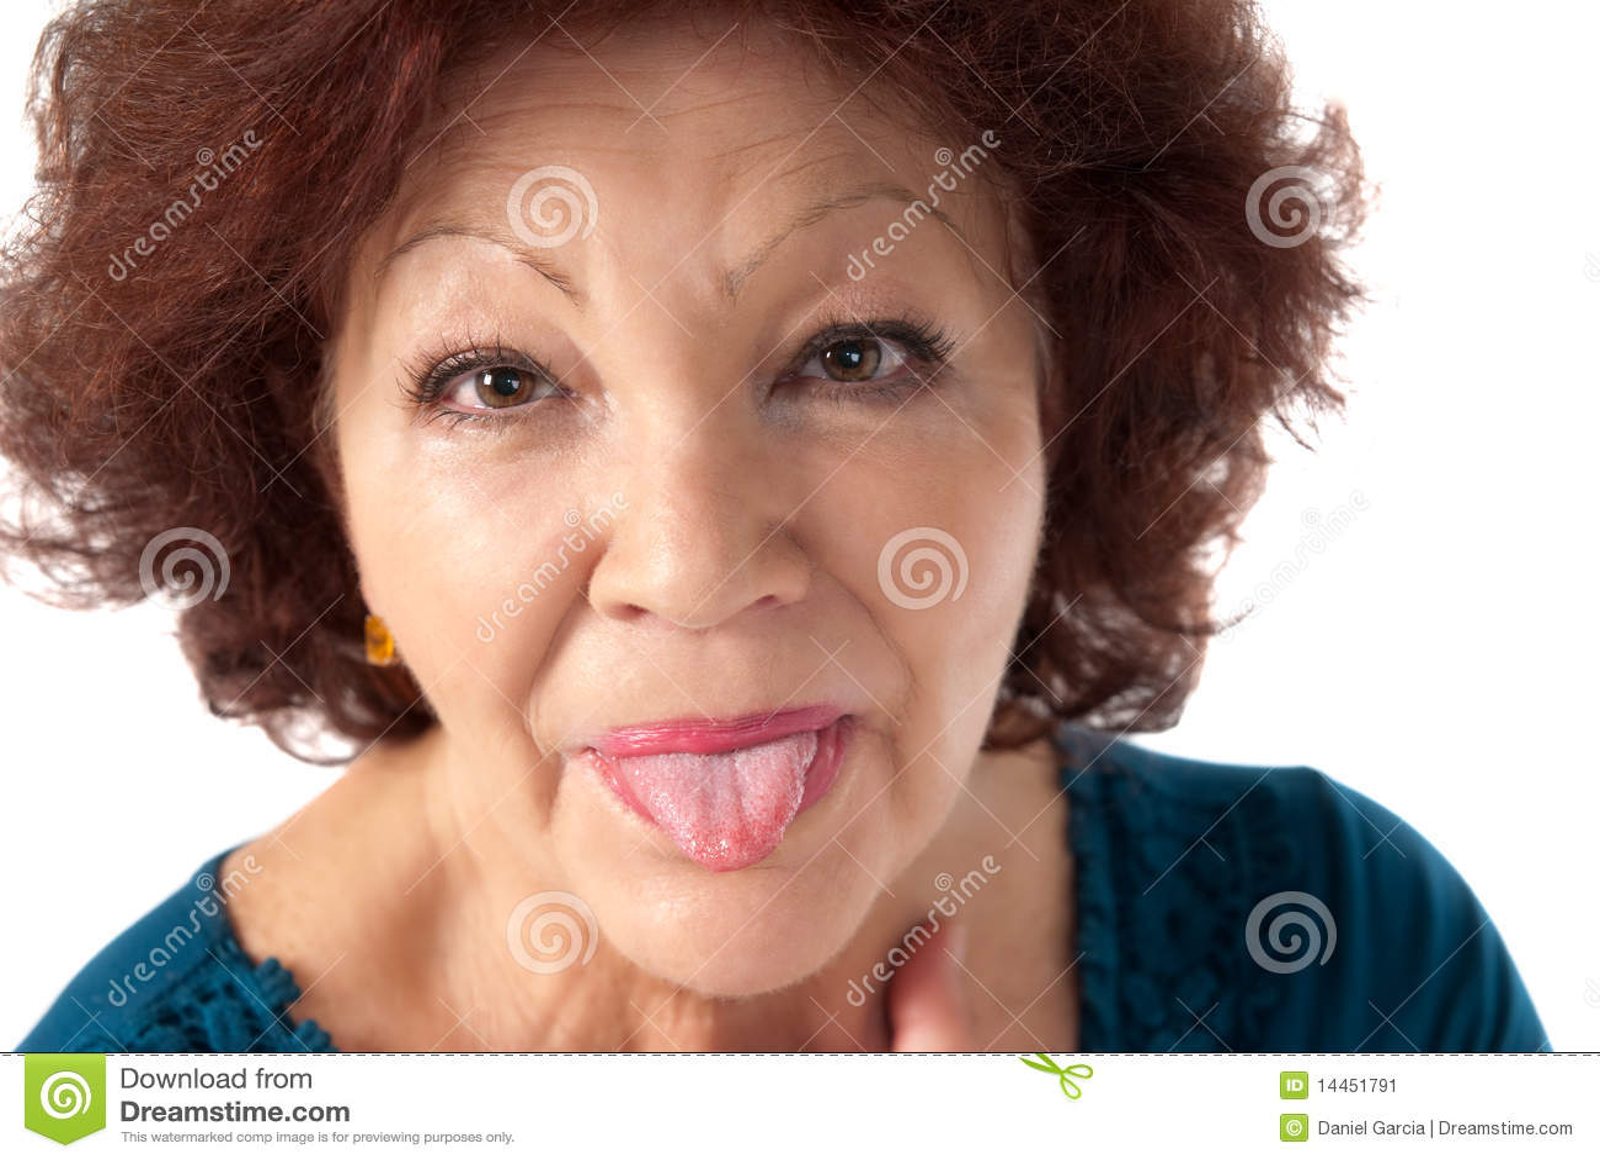 Senior woman razz cheerful isolated on white